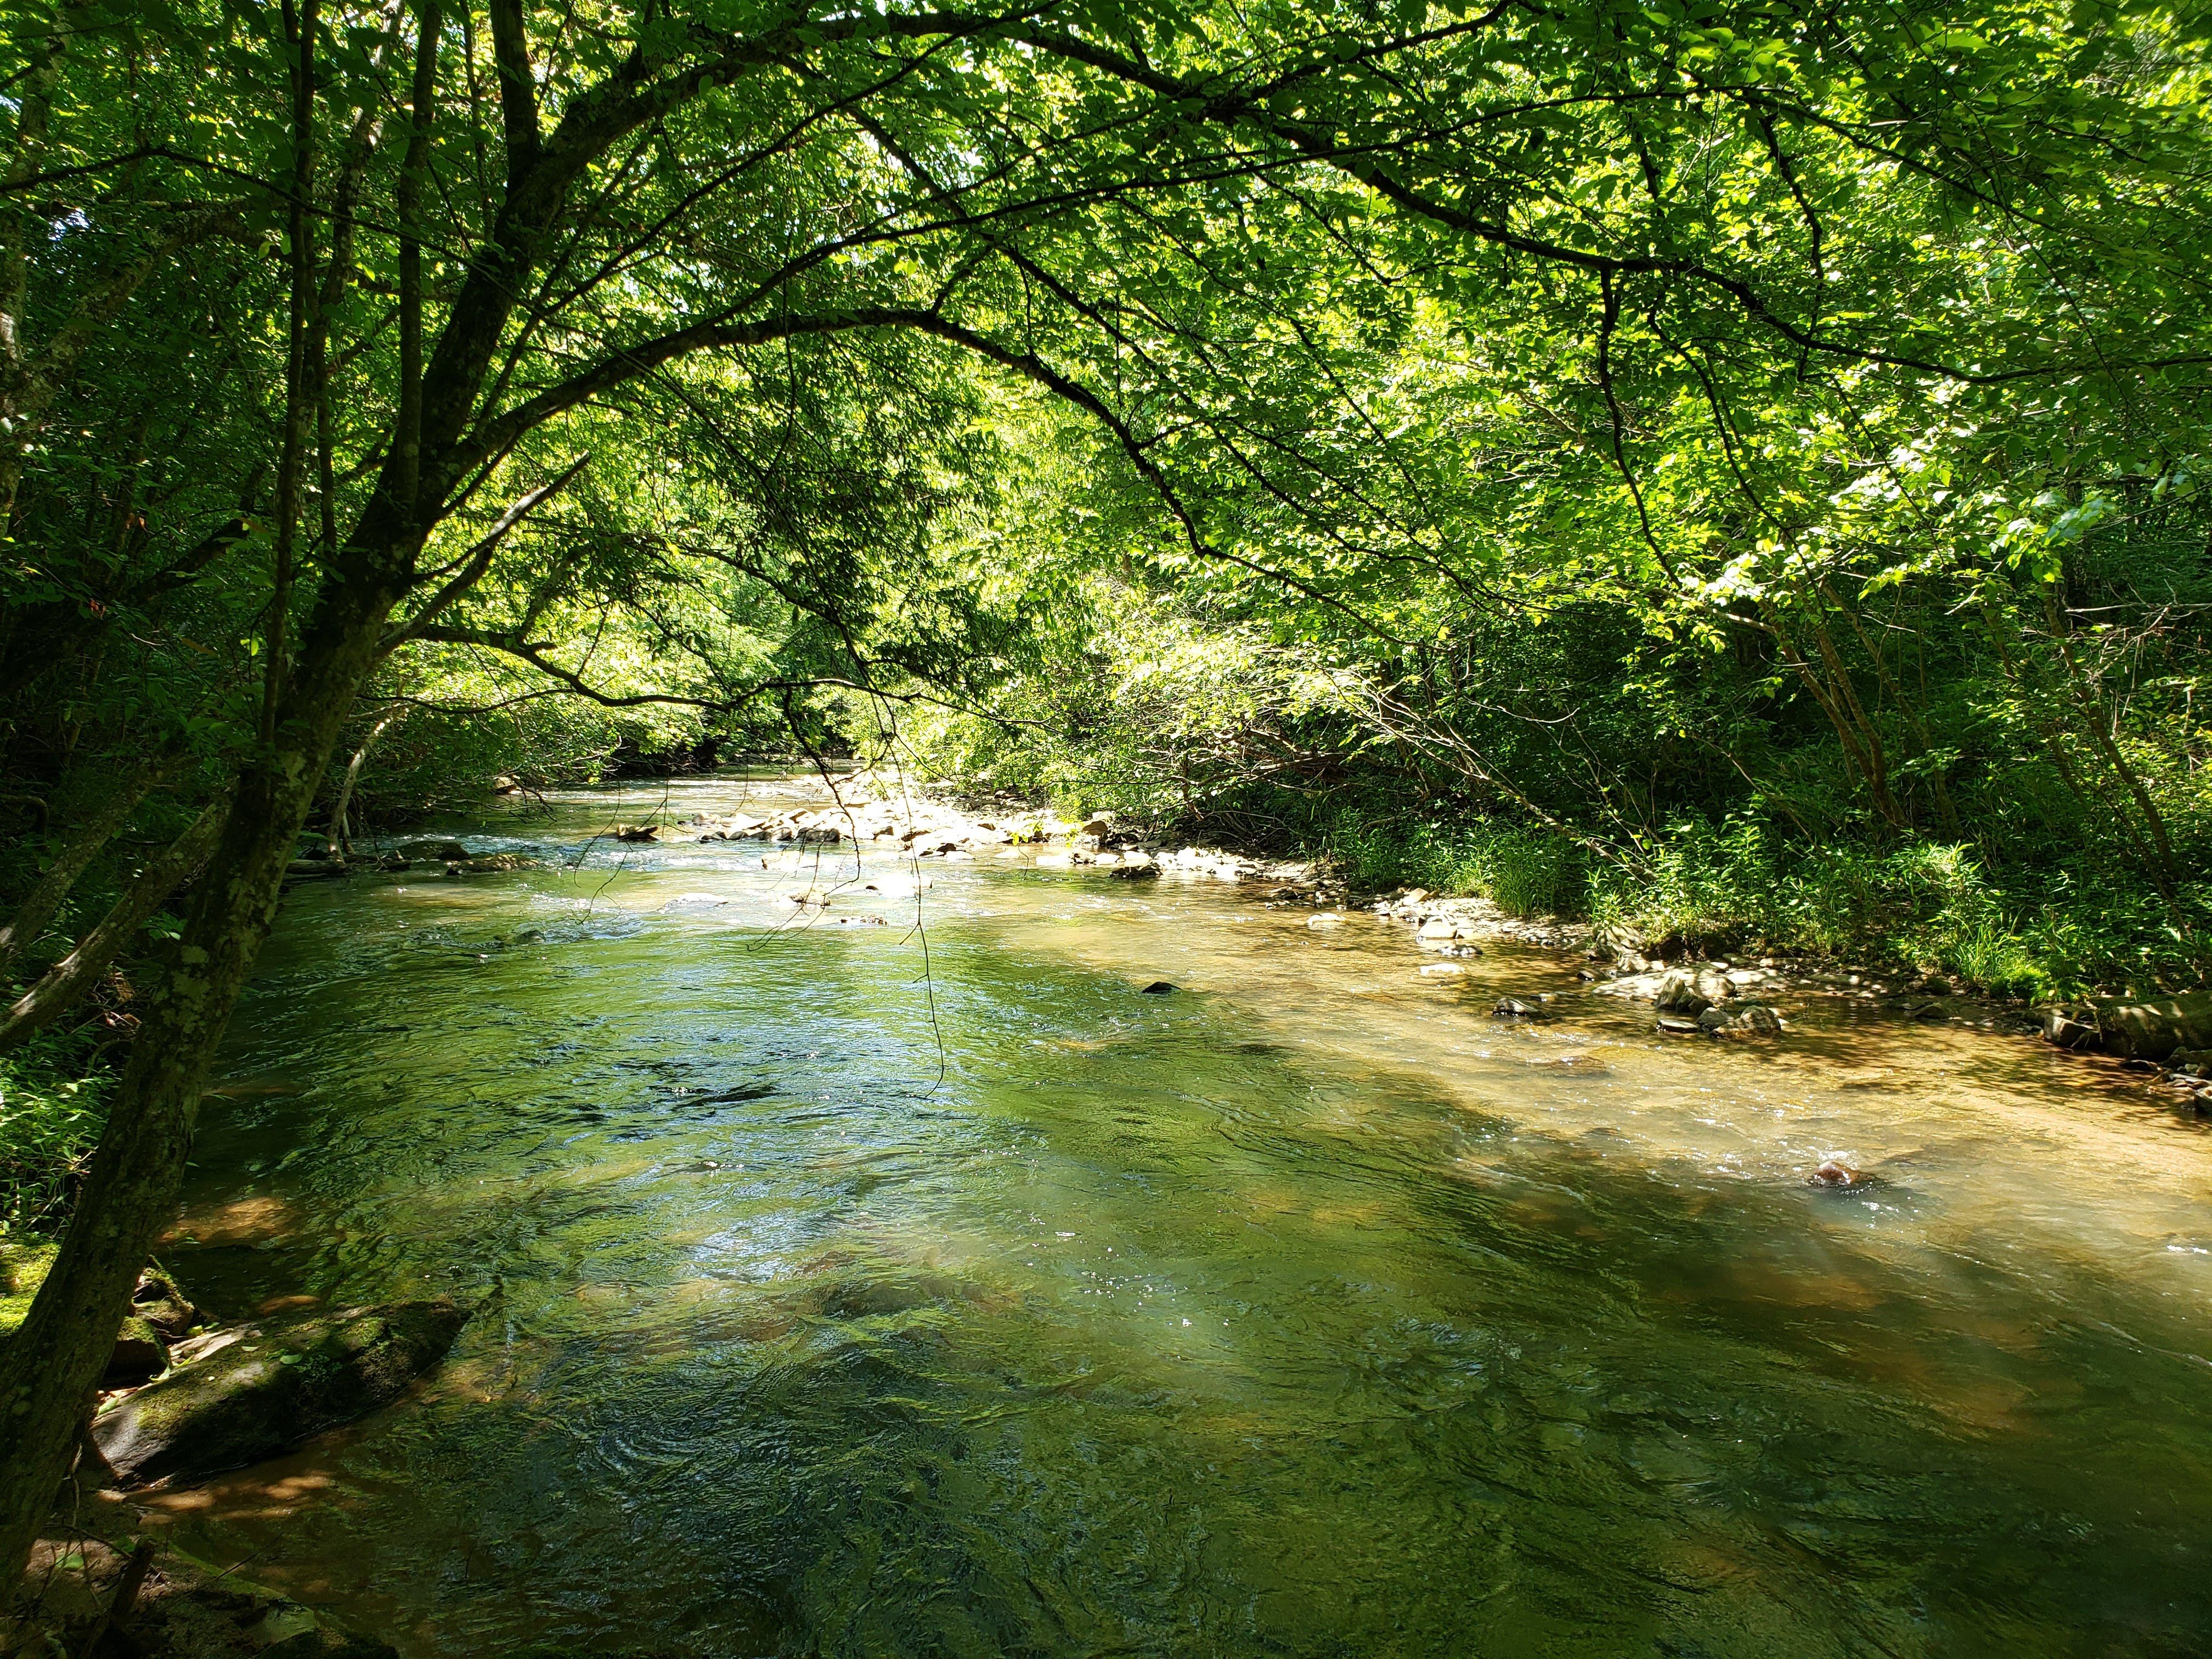 Bobs Creek Wilderness by Damon Hearne 20190524_122738.jpg